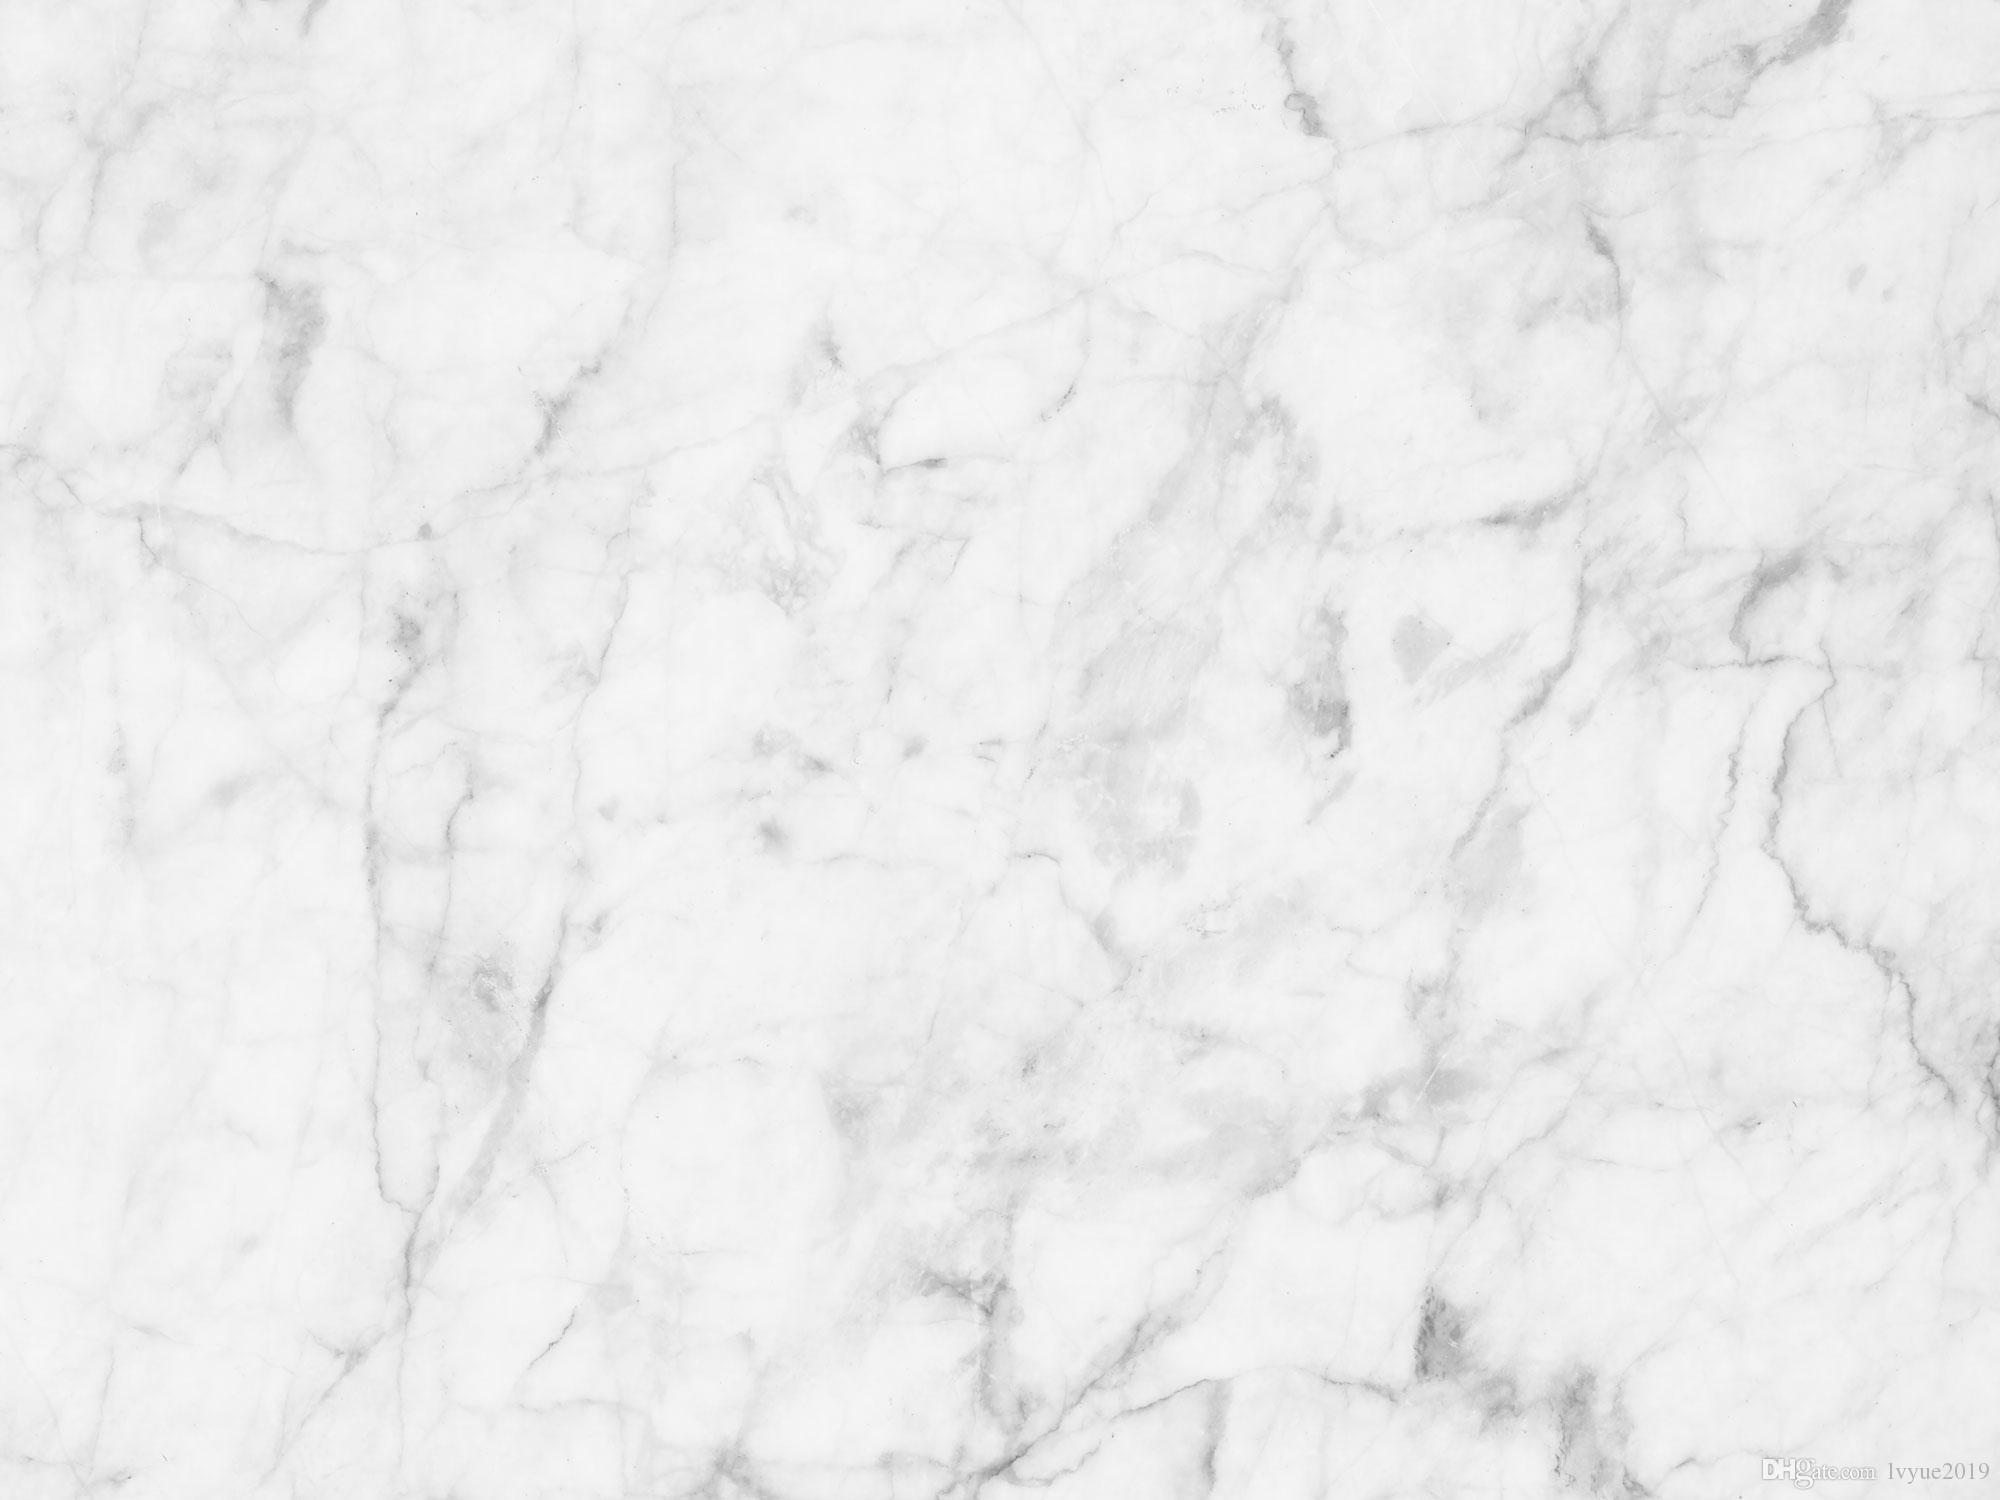 Marbre blanc Texture Photographie Patterned vinyle Backdrops Seamless photo Fonds Booth pour mariage Studio romantique Props